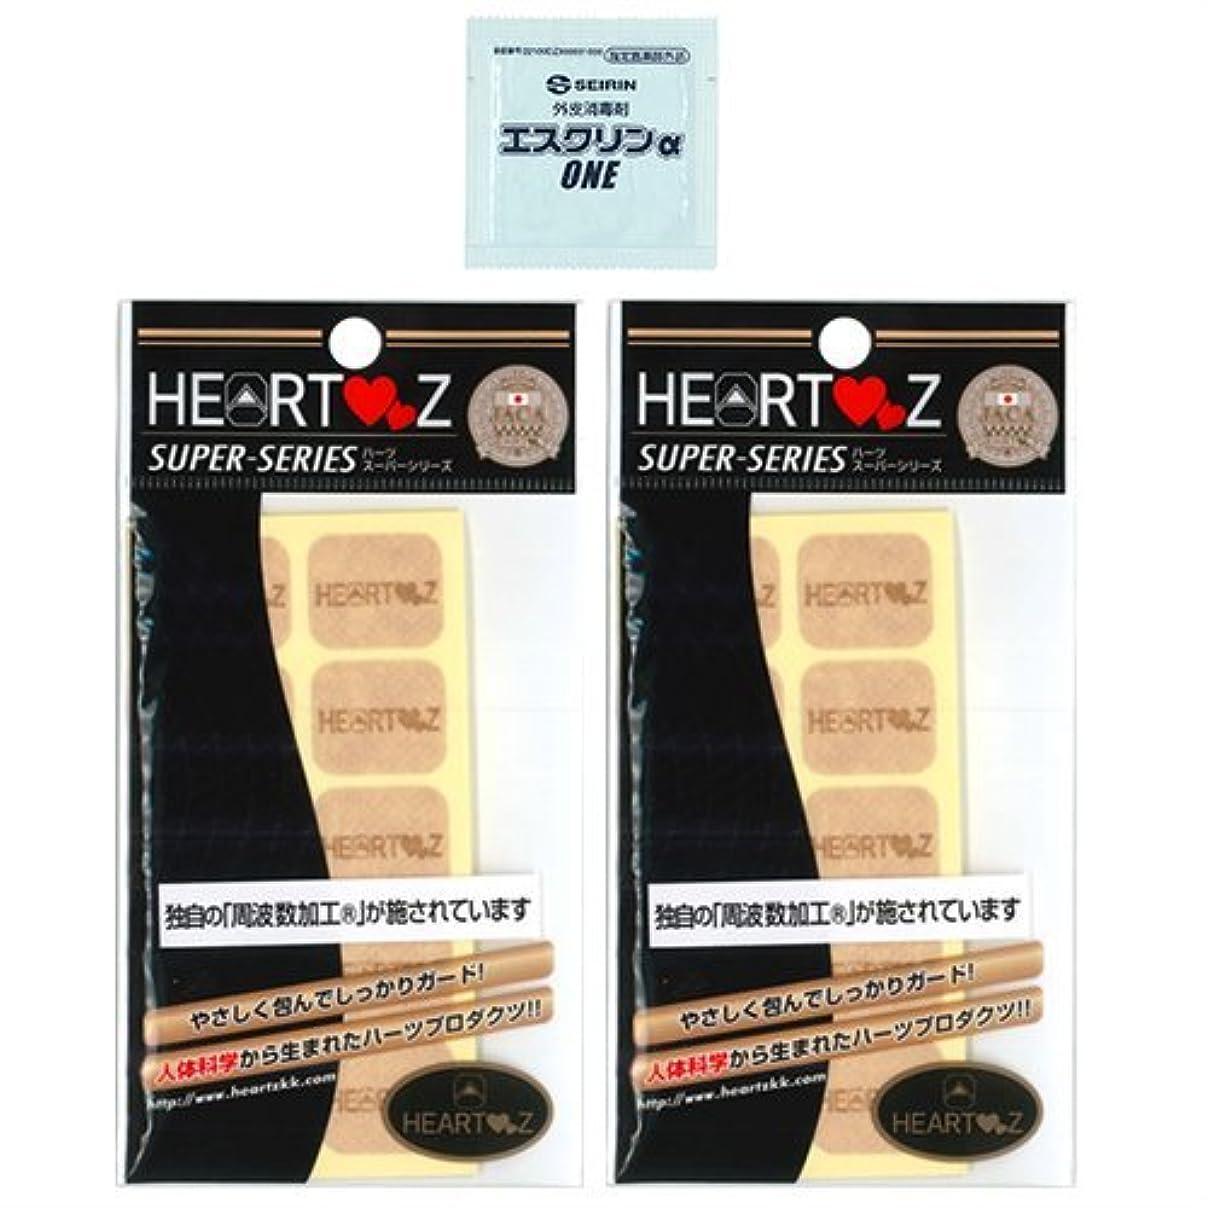 エジプト人する必要があるアジャ【HEARTZ(ハーツ)】ハーツスーパーシール レギュラータイプ 80枚入×2個セット (計160枚) + エスクリンαONEx1個 セット